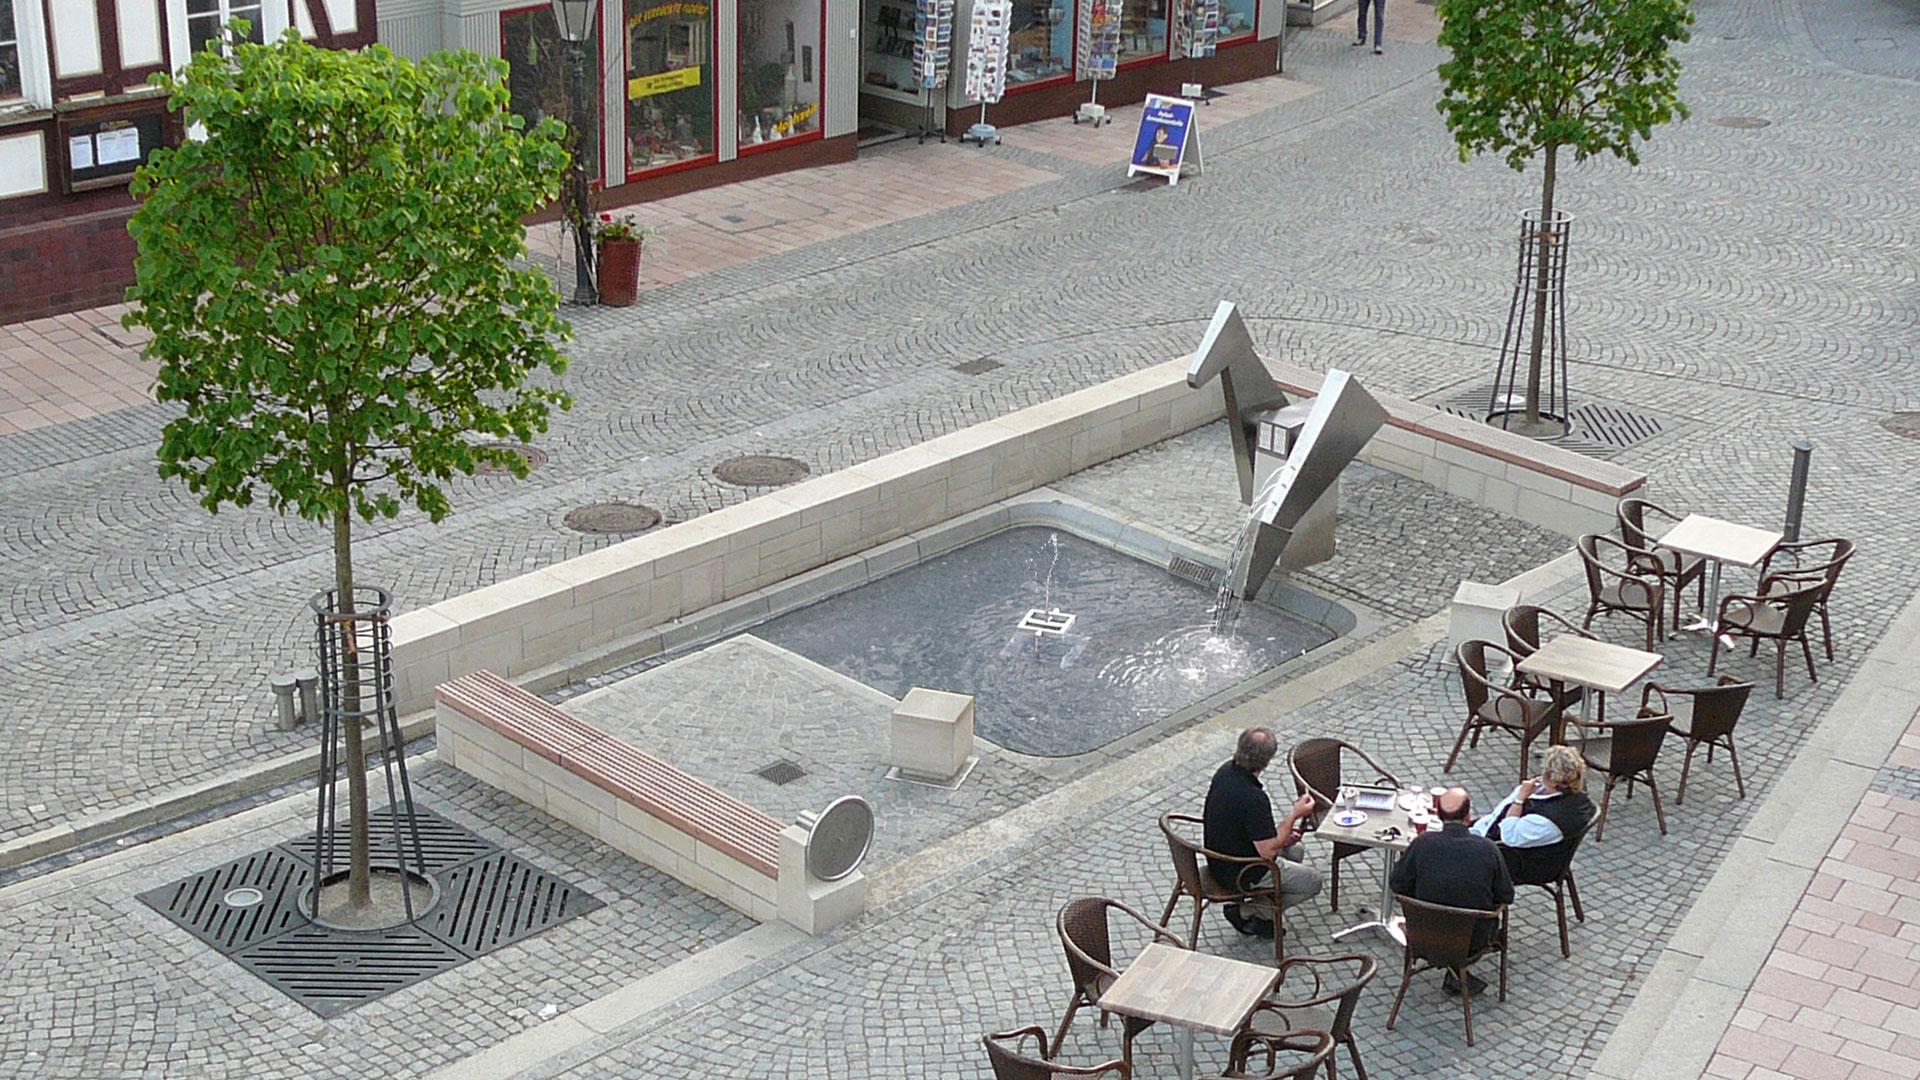 HOM_Marktplatz_01